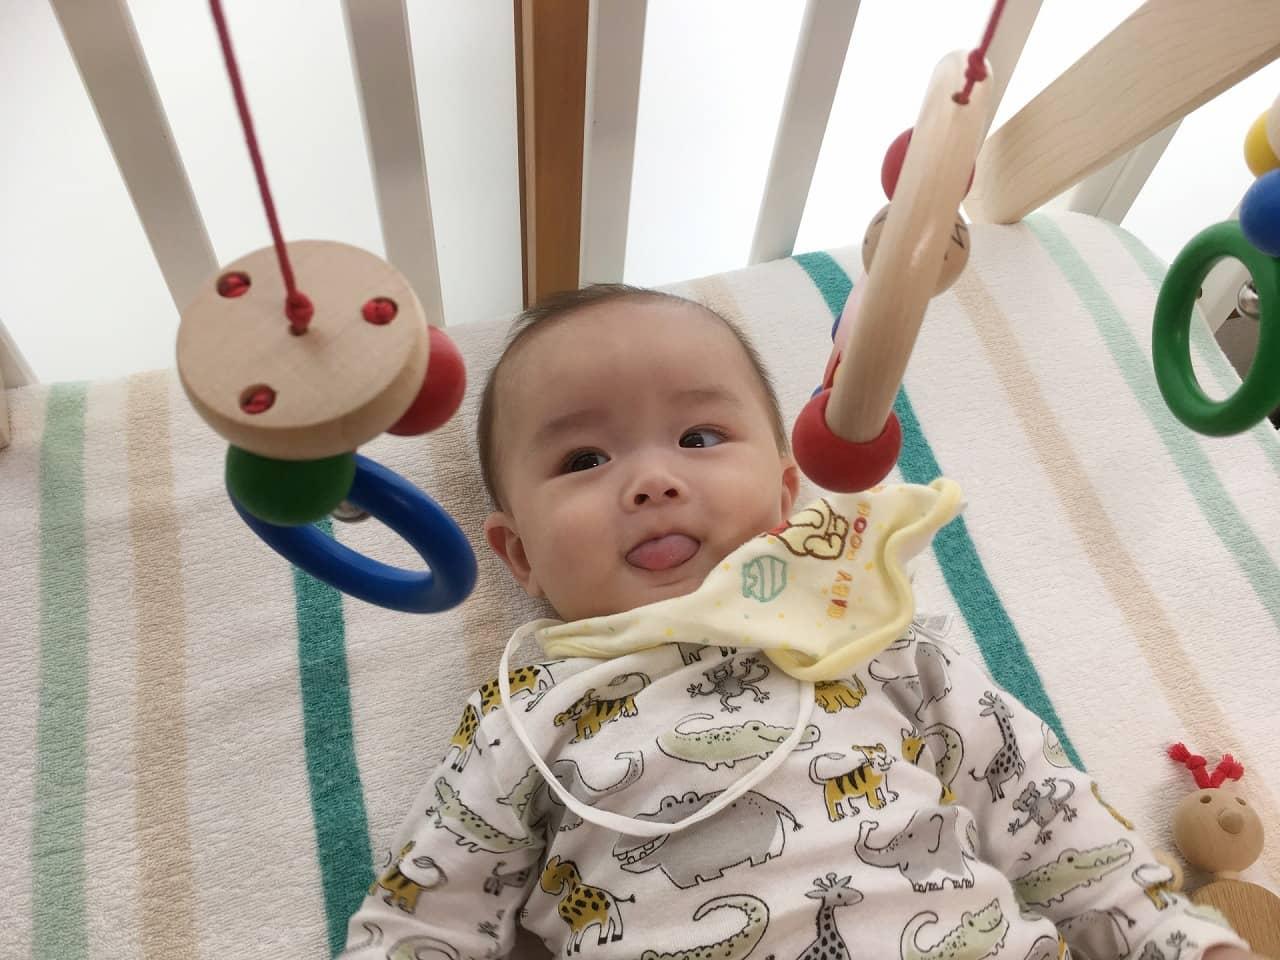 生後5ヶ月の赤ちゃんの成長と発達の特徴! 寝返りはいつ? 離乳食や夜泣き対策を解説